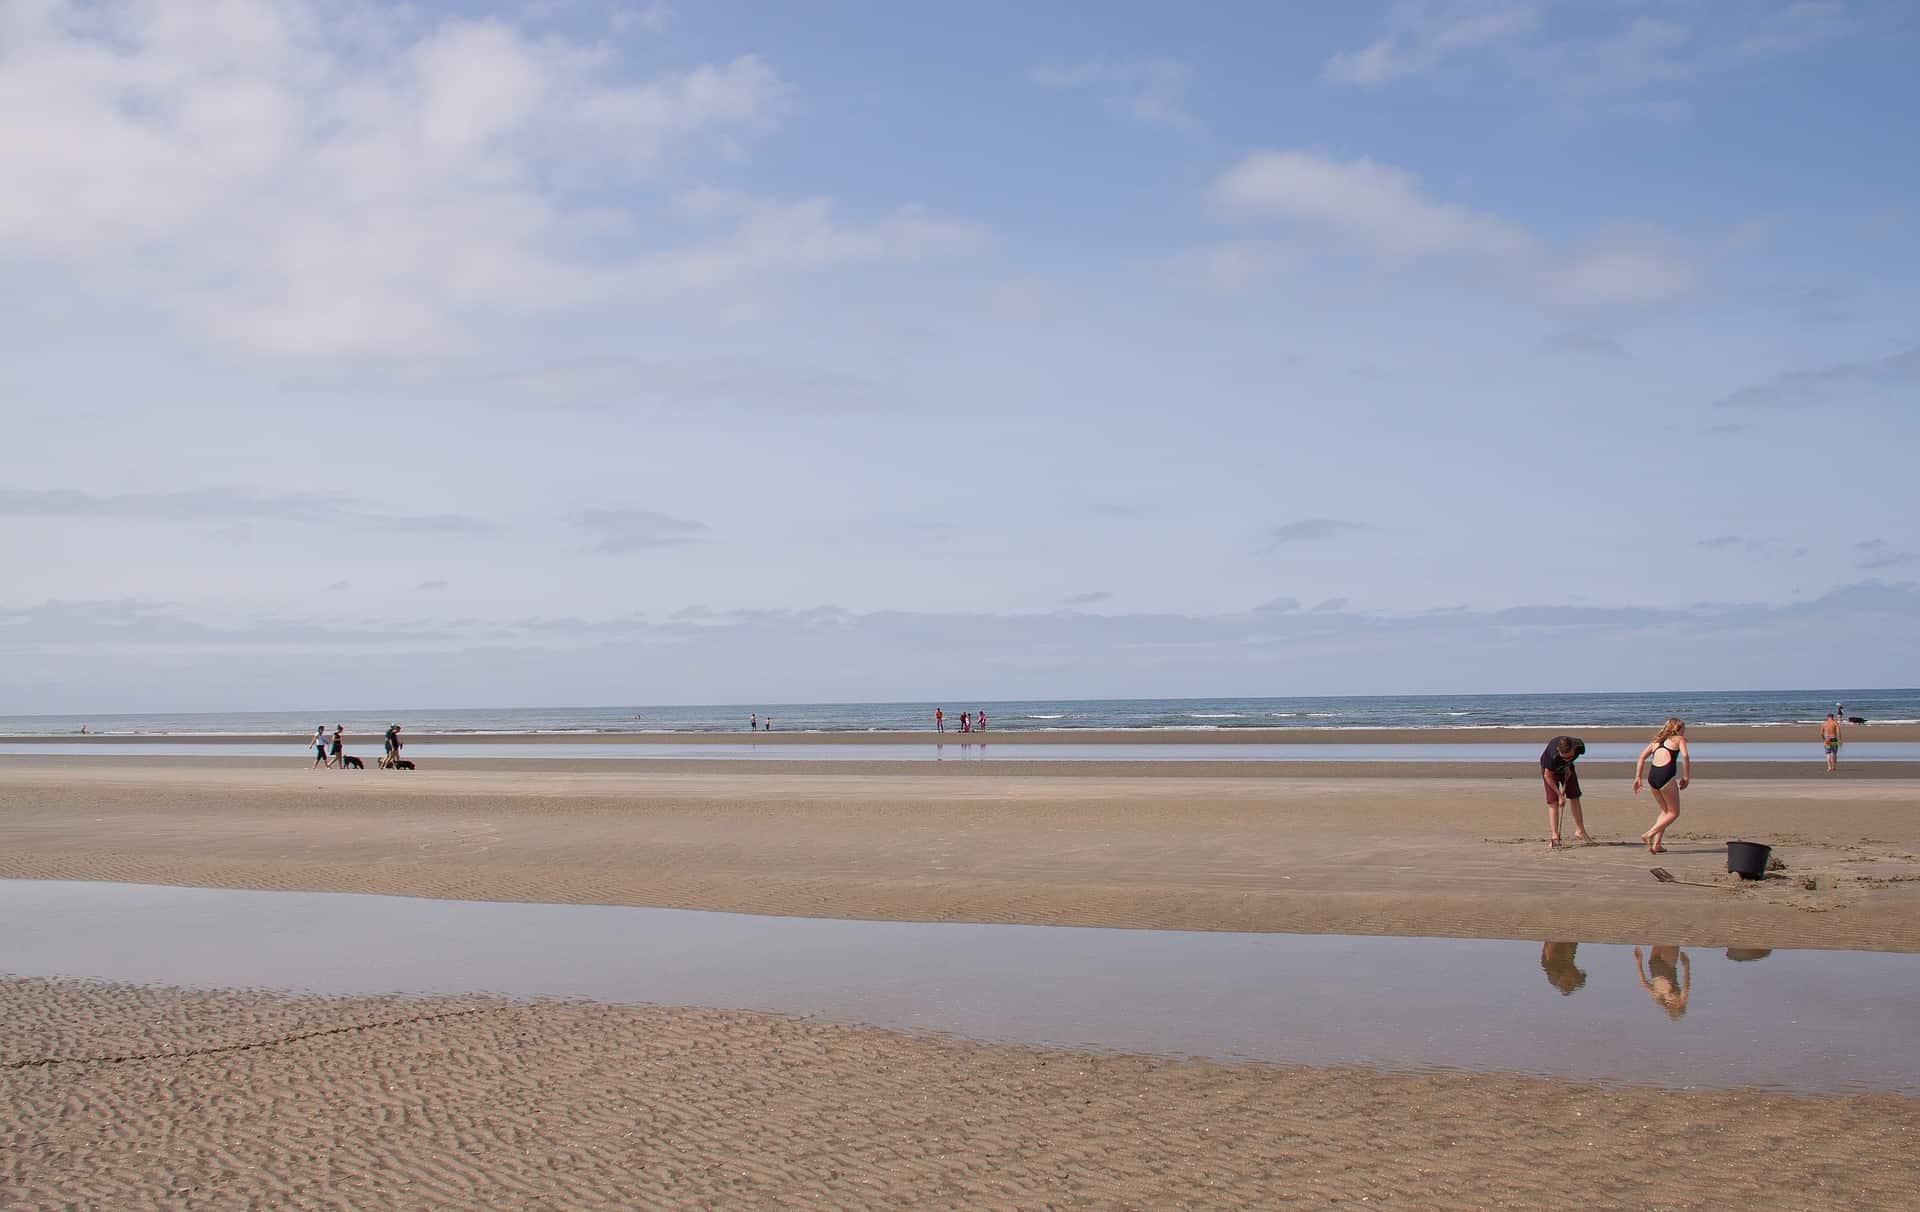 Romo der breite Sandstrand im Süden Dänemarks